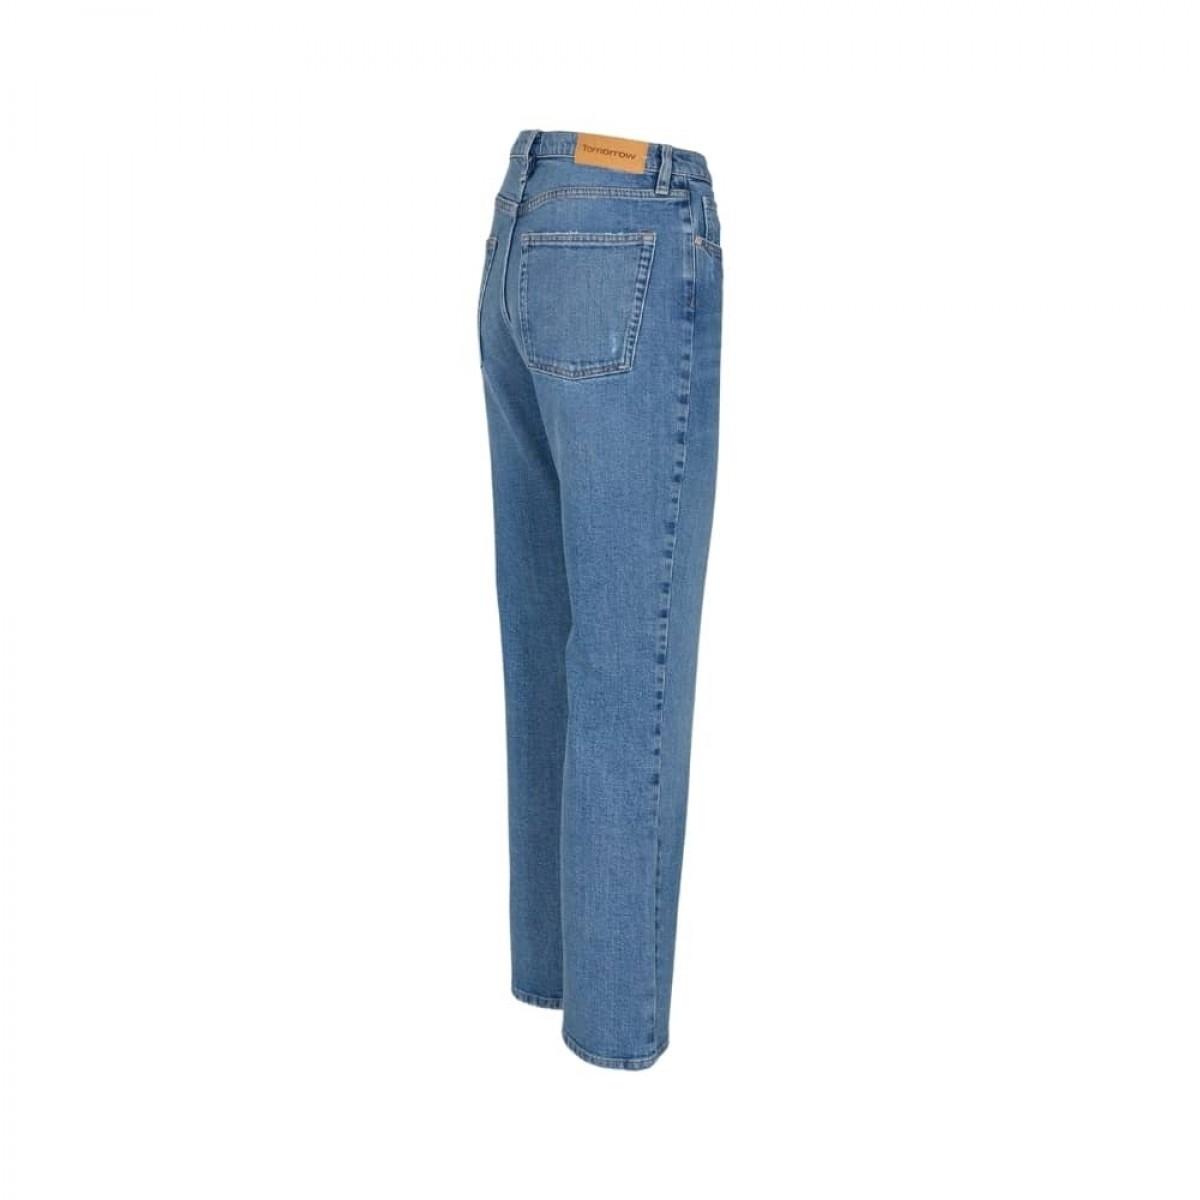 marston jeans - denim blue - fra siden